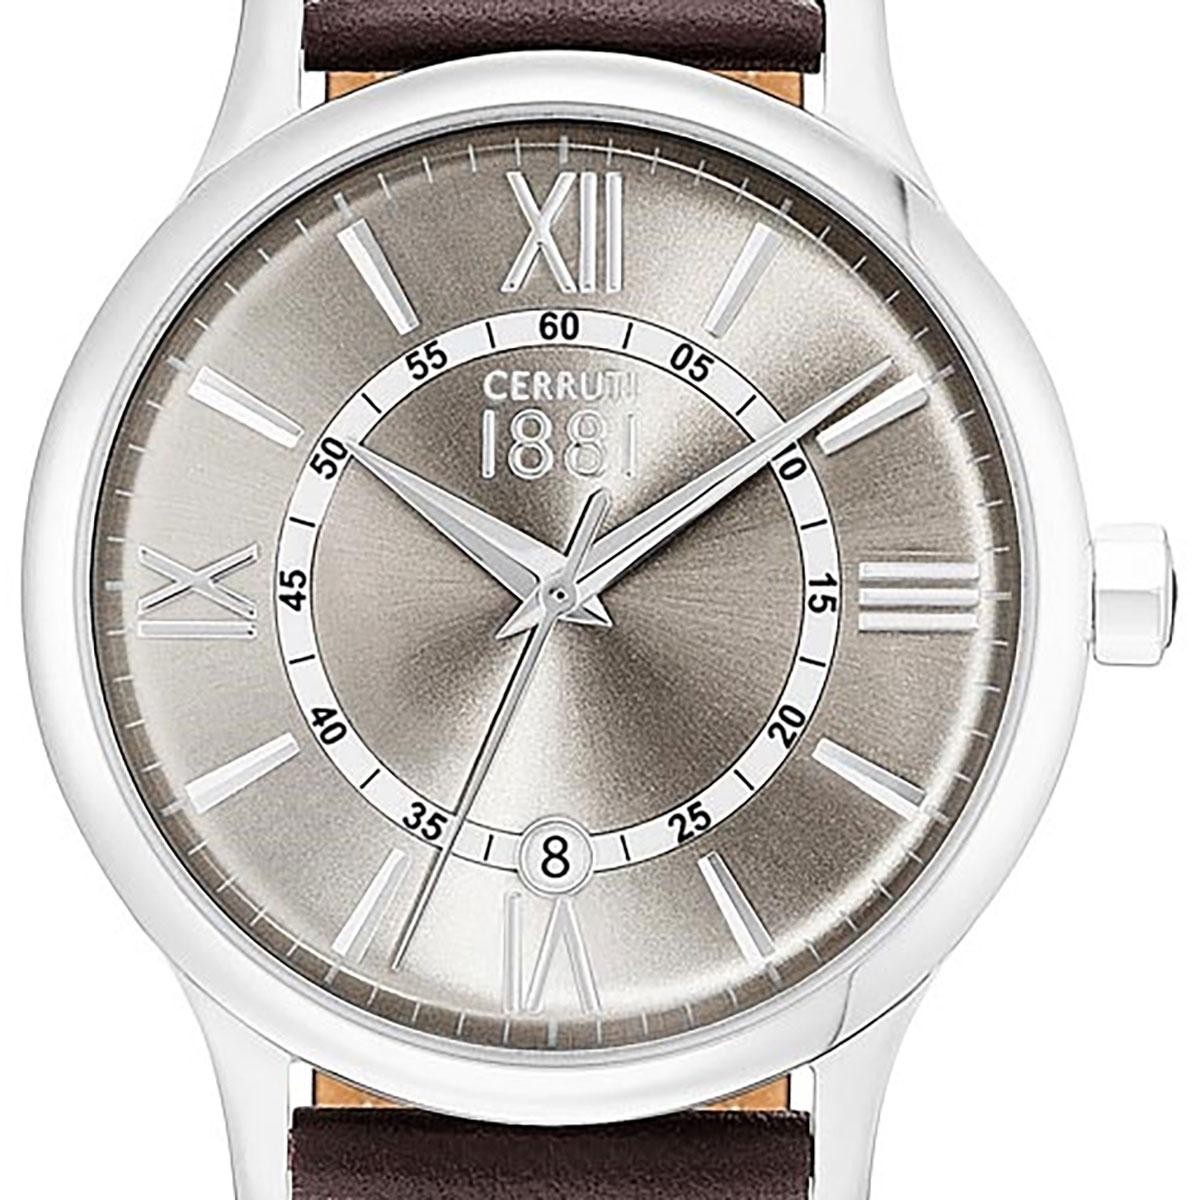 【残り1点】CERRUTI 1881 チェルッティ1881 電池式クォーツ 腕時計 [CRA143SN13BR] 並行輸入品 ブラウン(茶)